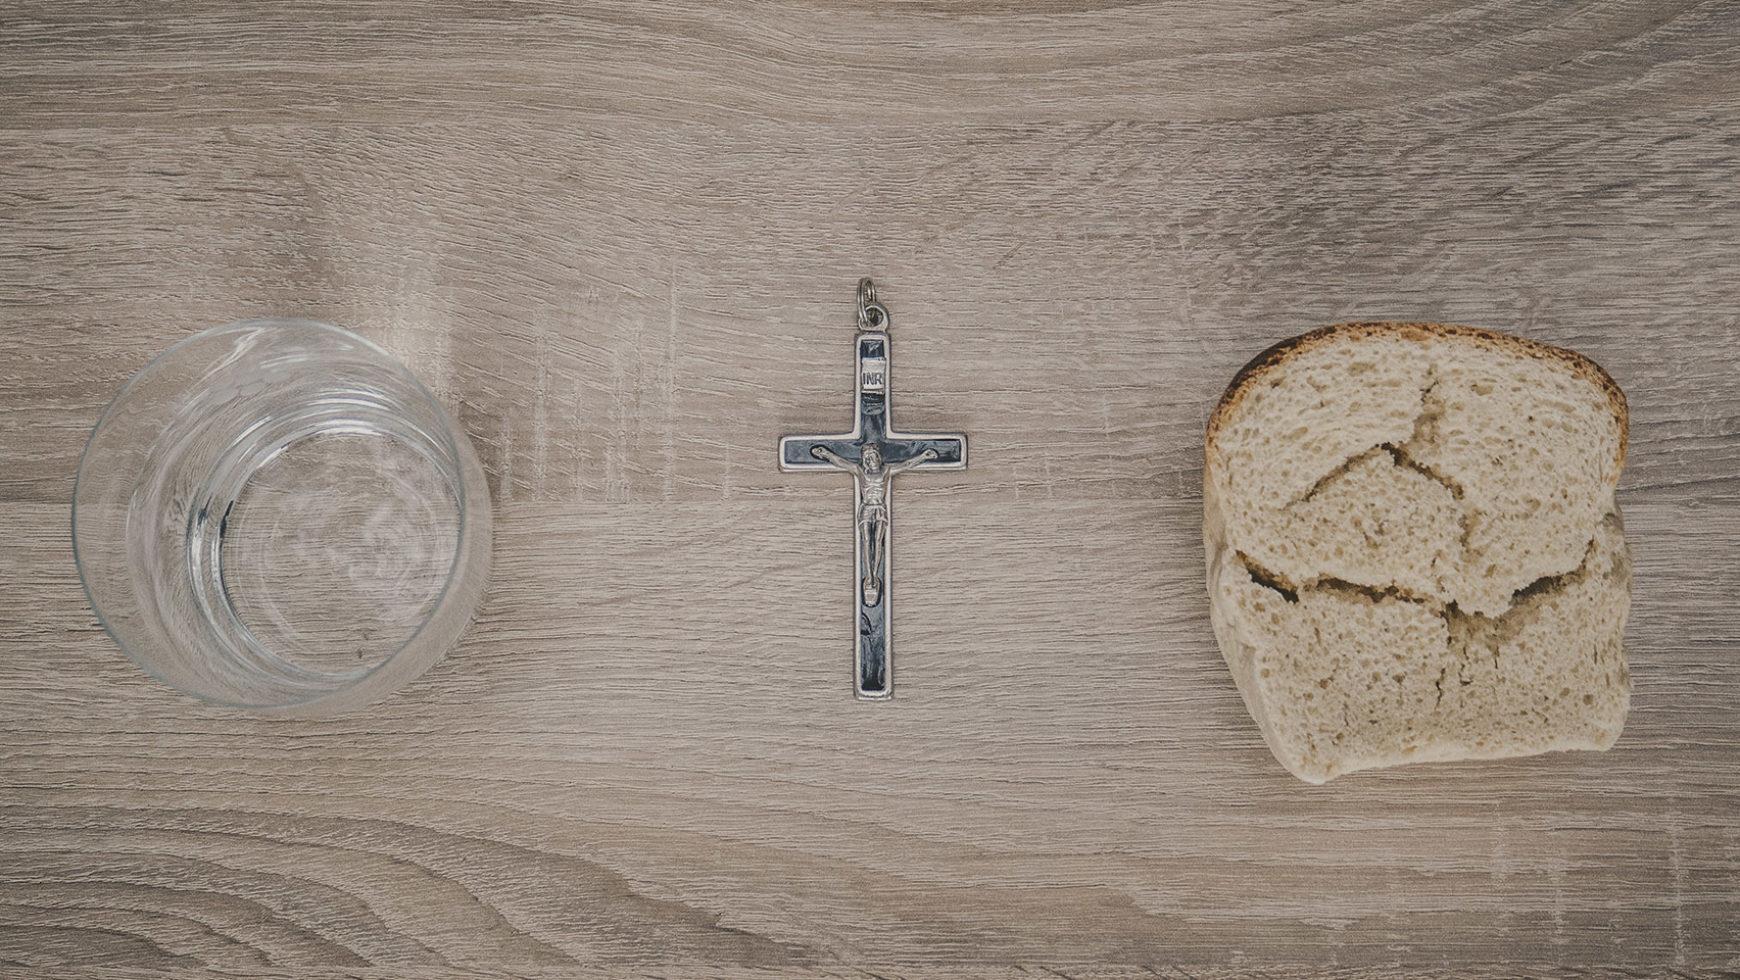 Ejercicios Espirituales Ignacianos P. JUAN JOSÉ MARTÍNEZ S.J